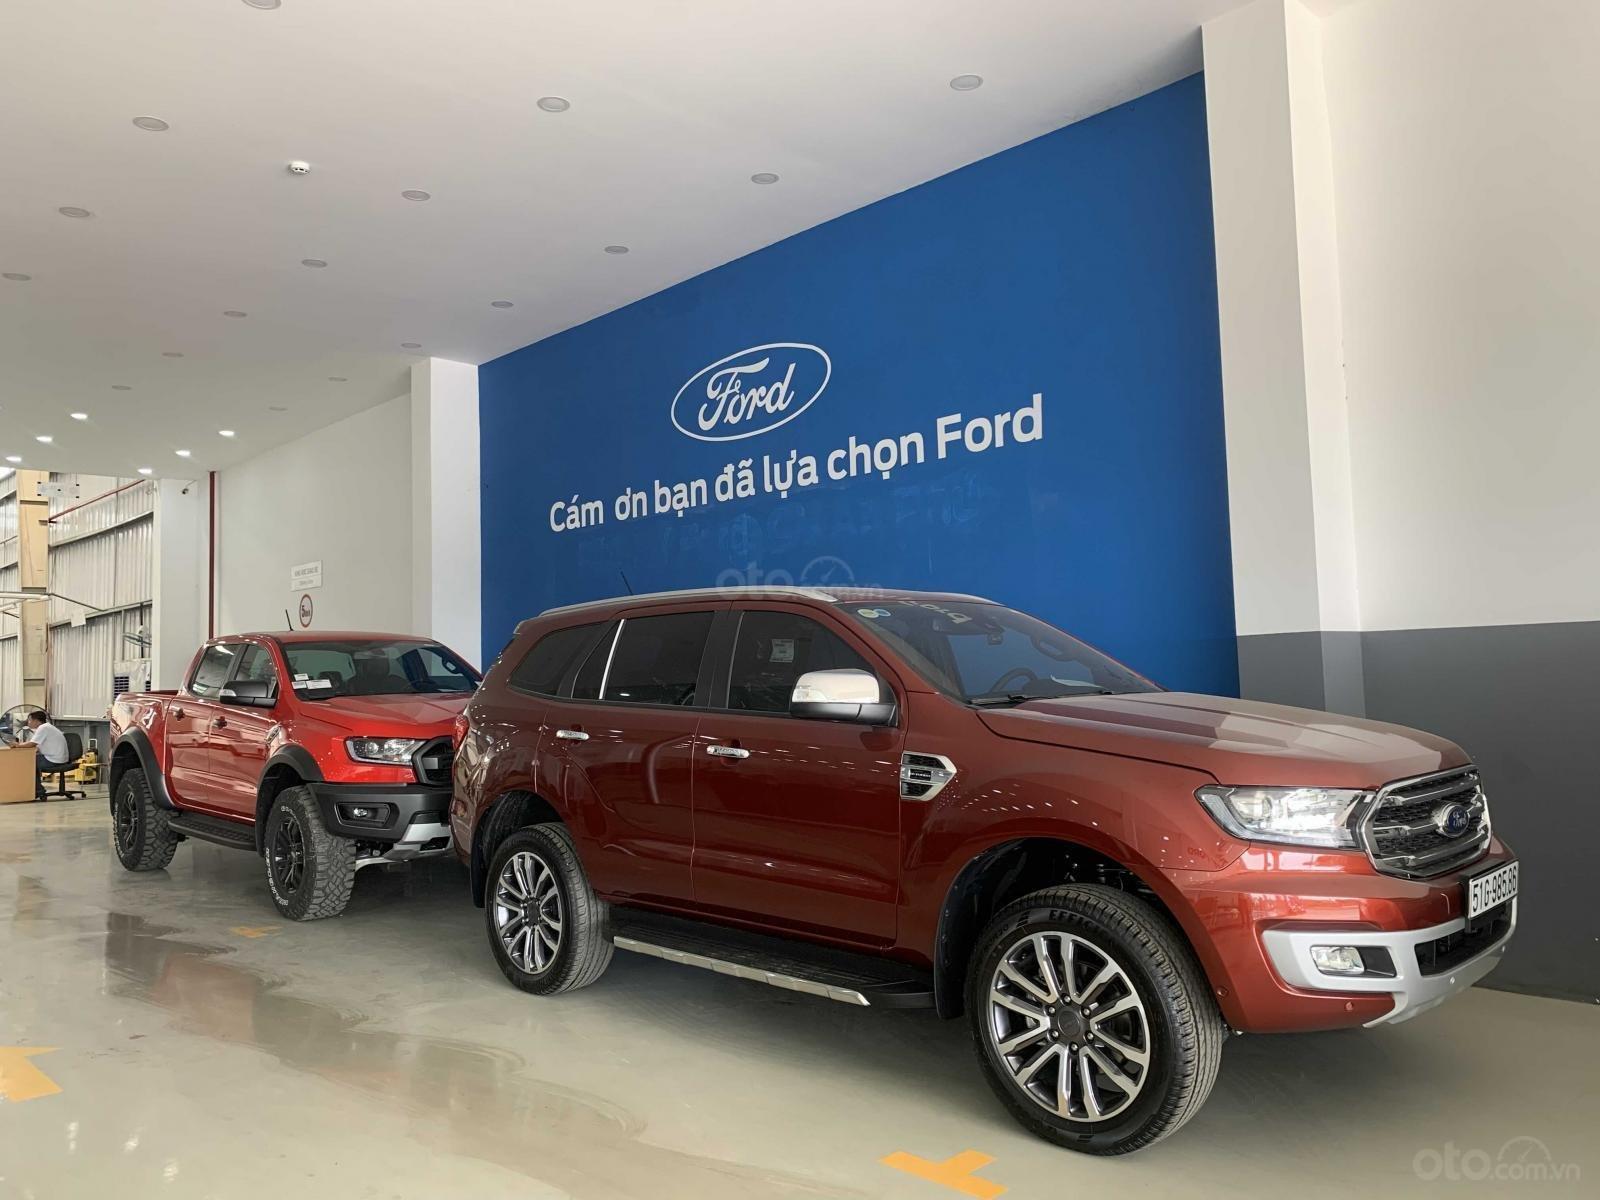 Phú Mỹ Ford - An Phú (3)